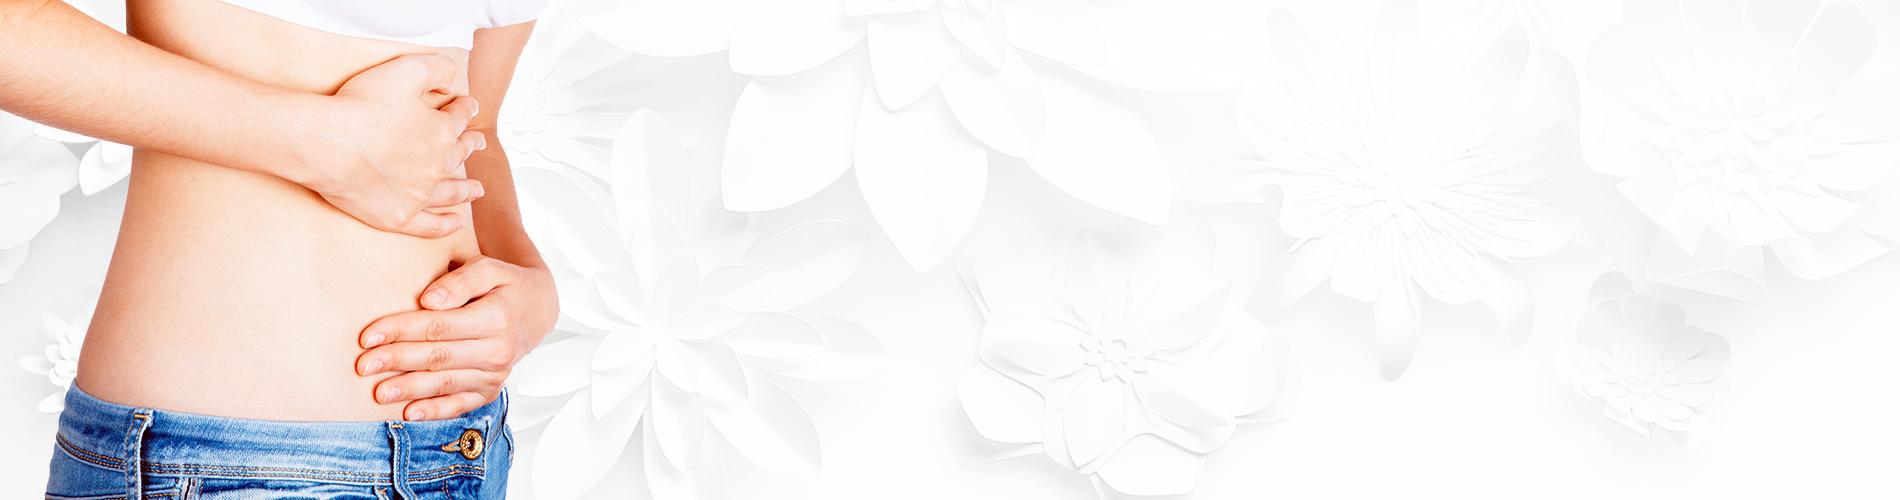 laparoskopisi-cosmeticplastics